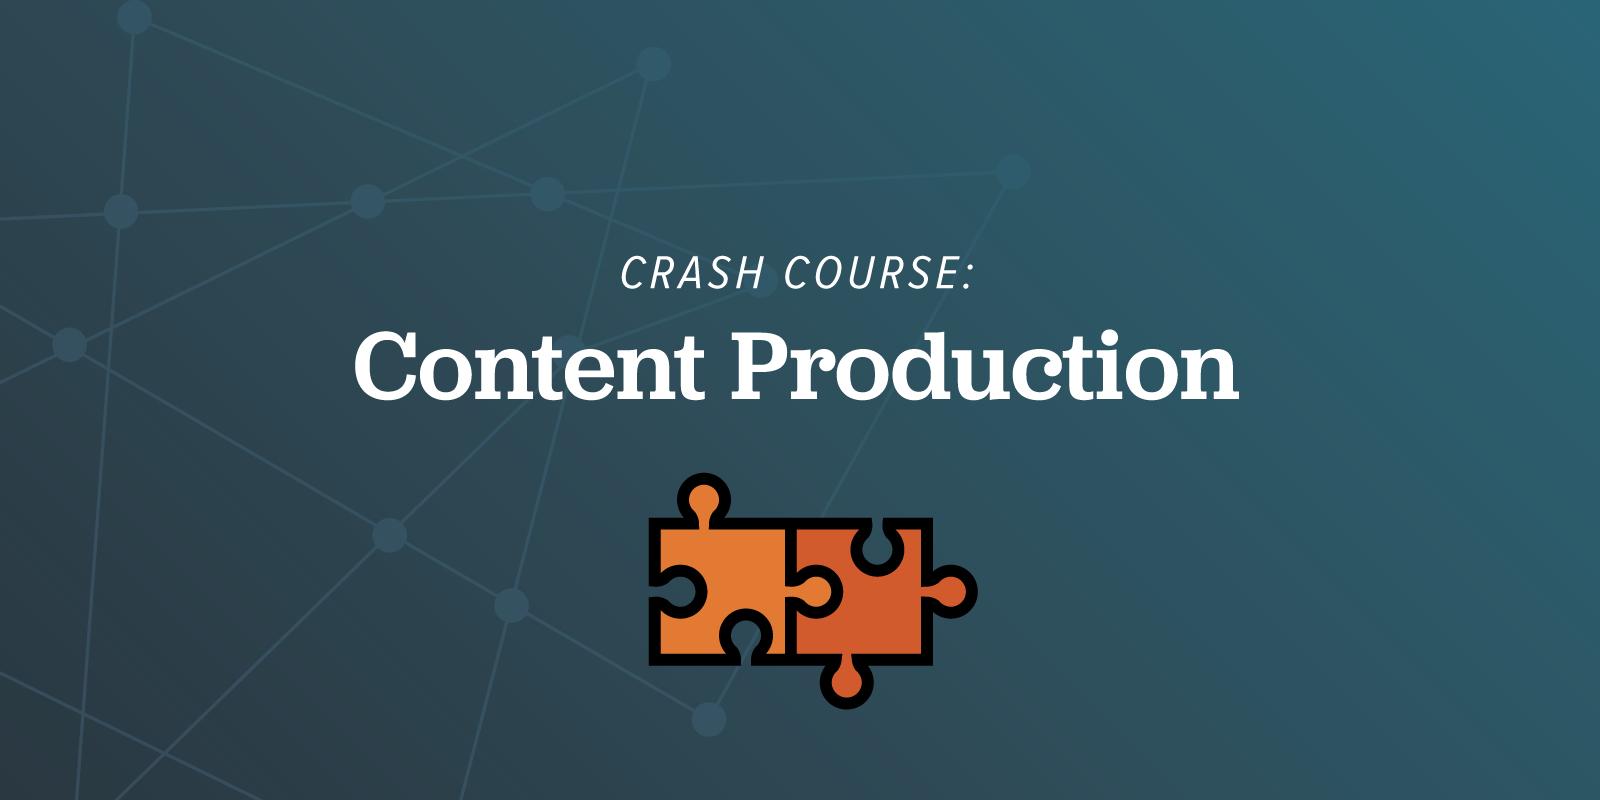 ArcStone Crash Course Content Production